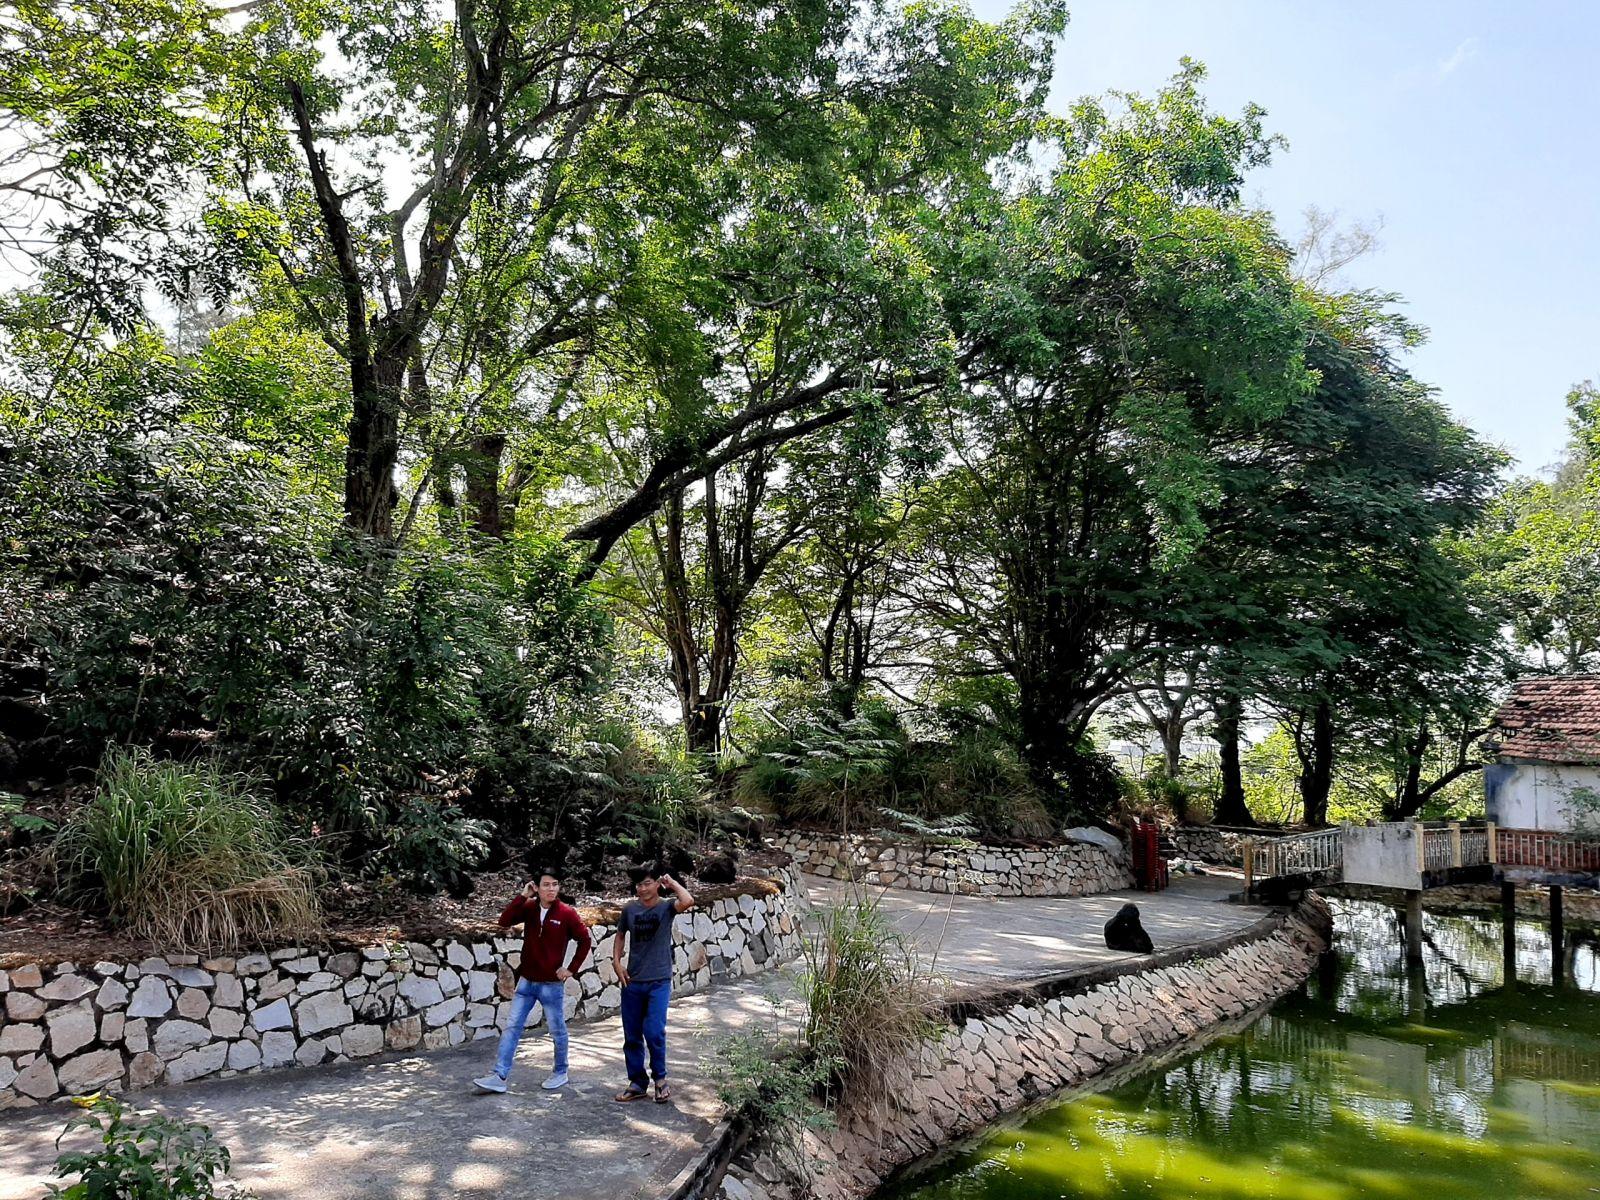 Đây là địa điểm các bạn trẻ thường xuyên lui tới đi dạo, trò chuyện bên bờ hồ